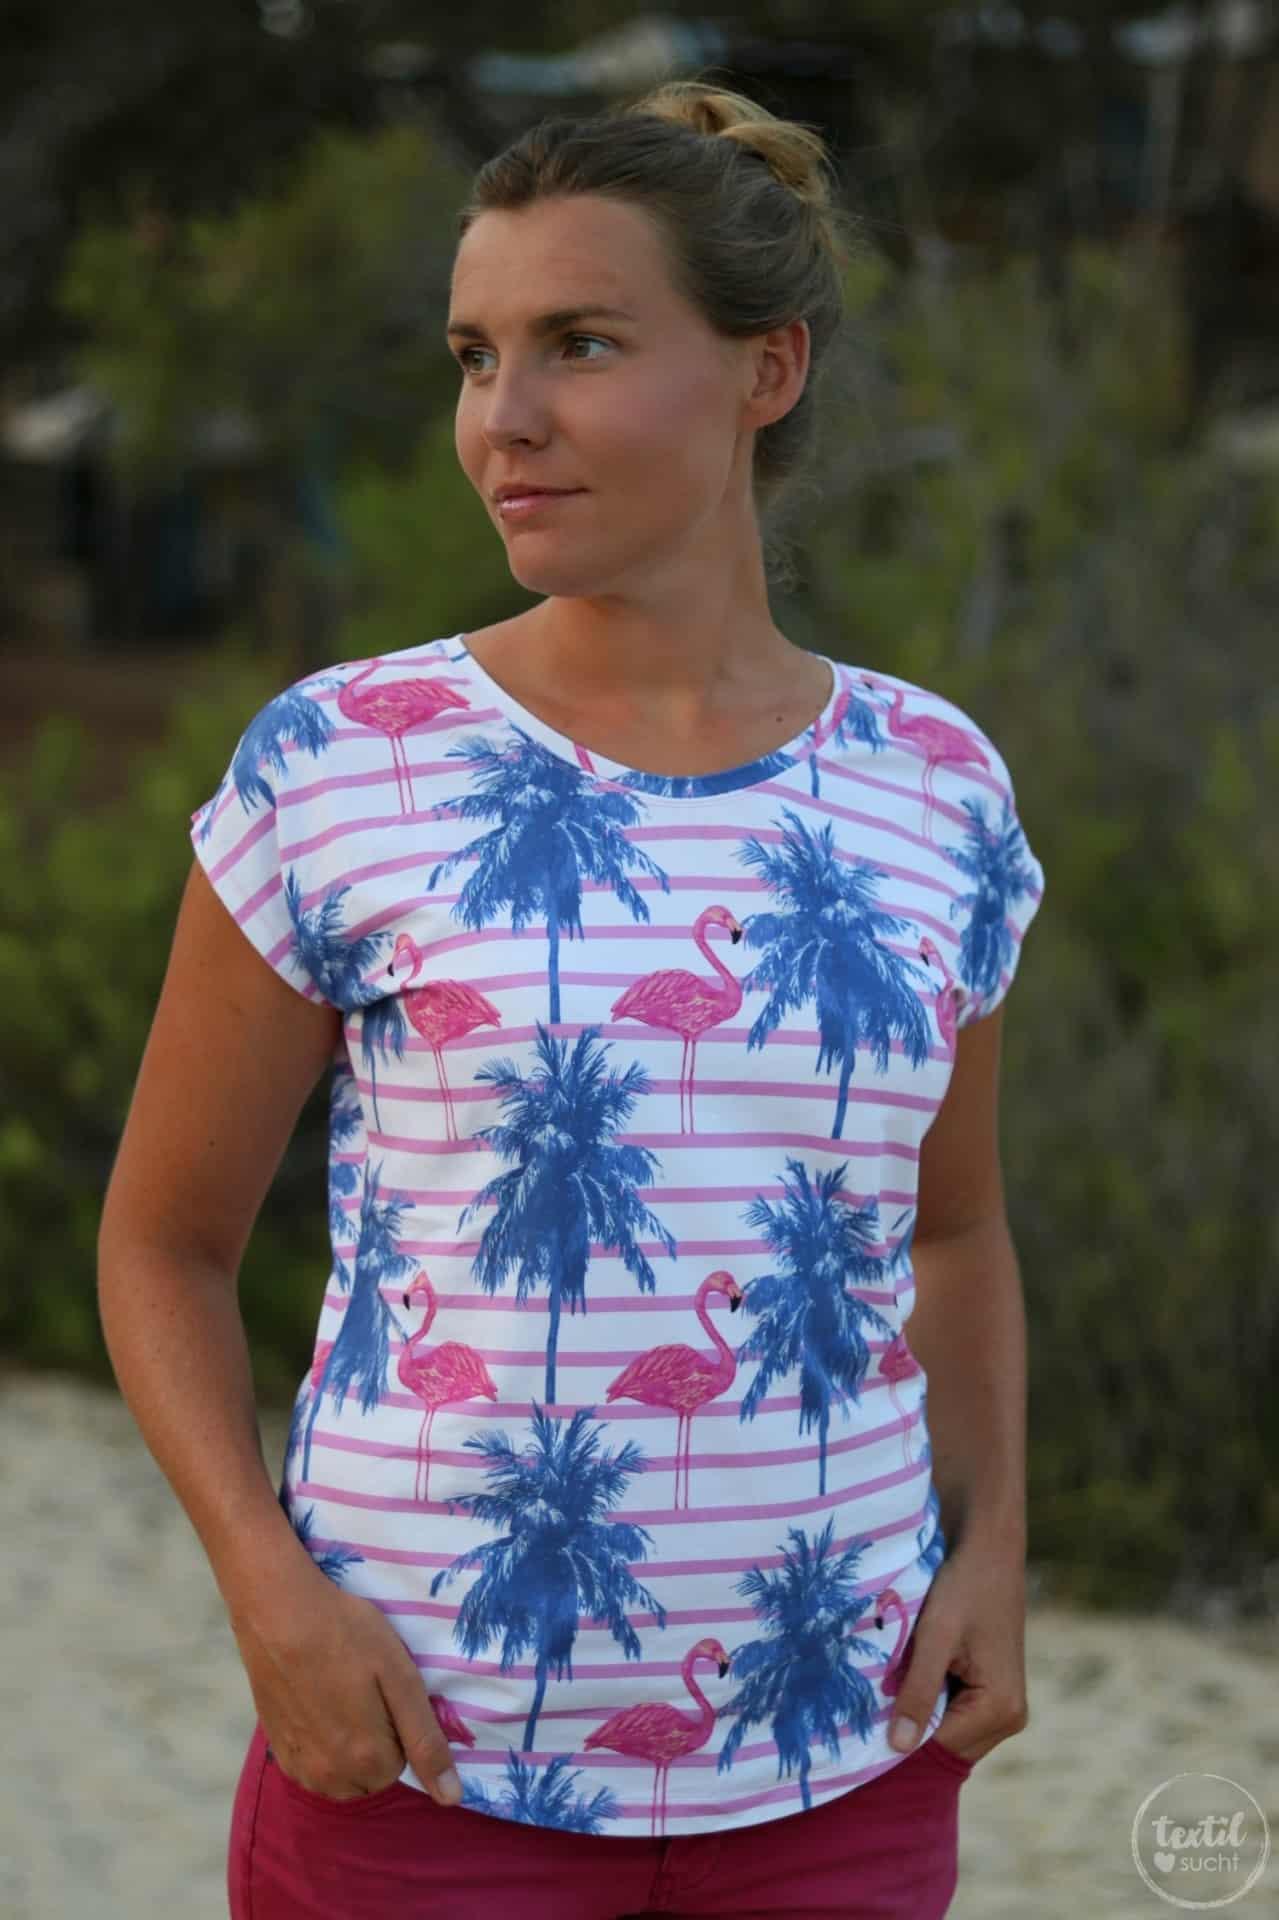 Nähen für den Sommer: Flamingo Shirt Amylee - Bild 2 | textilsucht.de